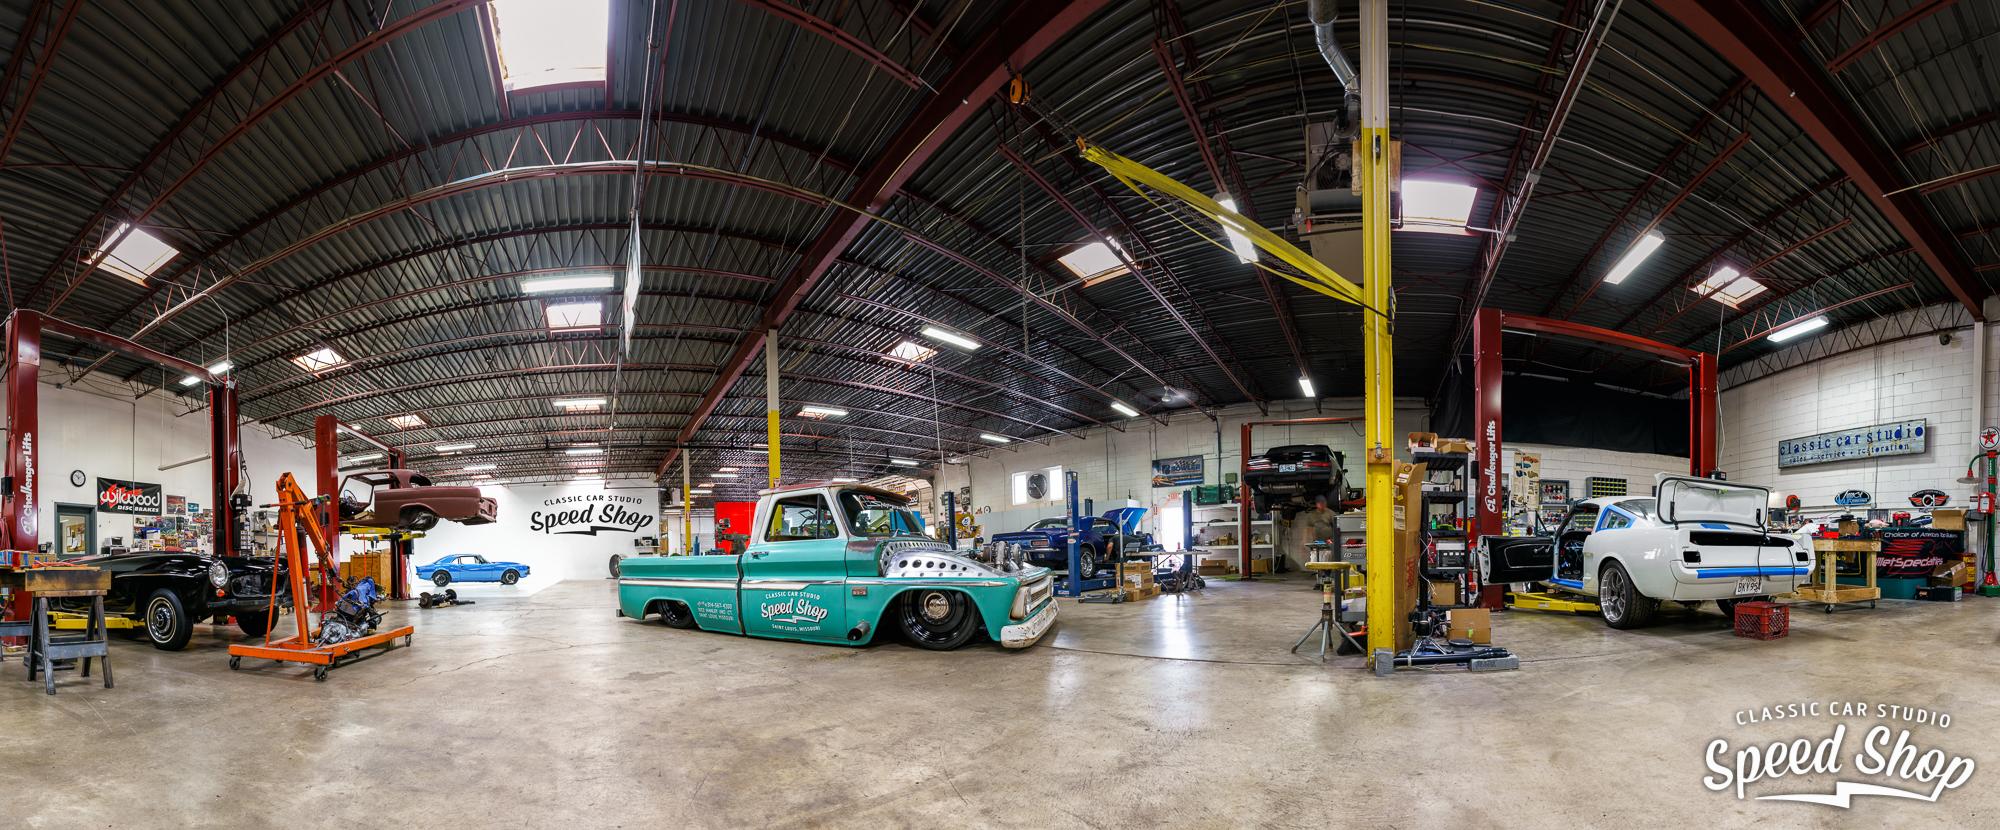 Classic Car Studio Speed Shop